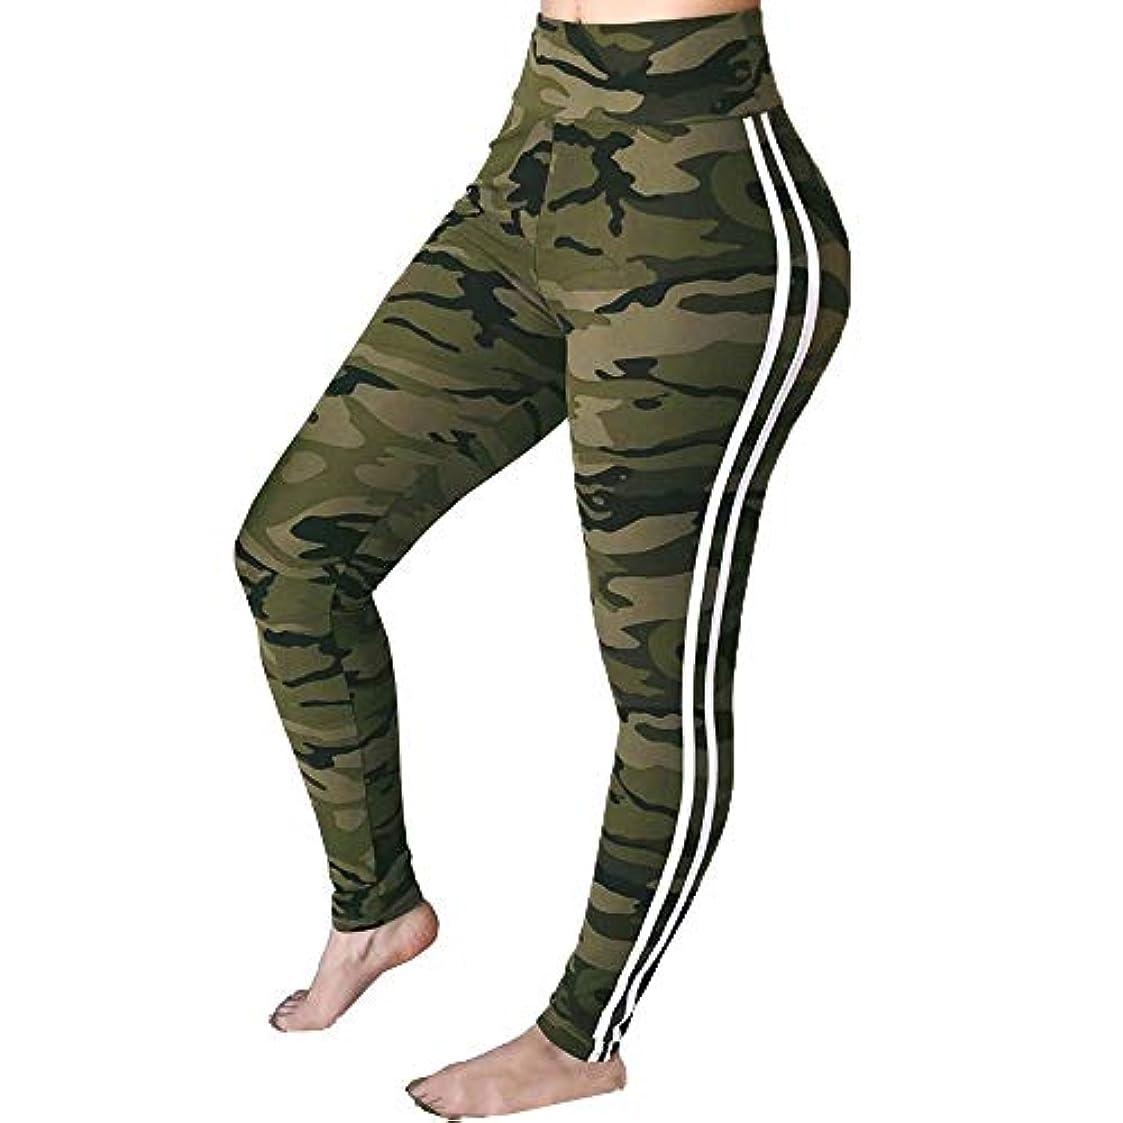 嫌がらせキャンバスもっともらしいMIFAN 女性パンツ、ロングパンツ、ハイウエストパンツ、スポーツパンツ、スキニーパンツ、ヨガパンツ、